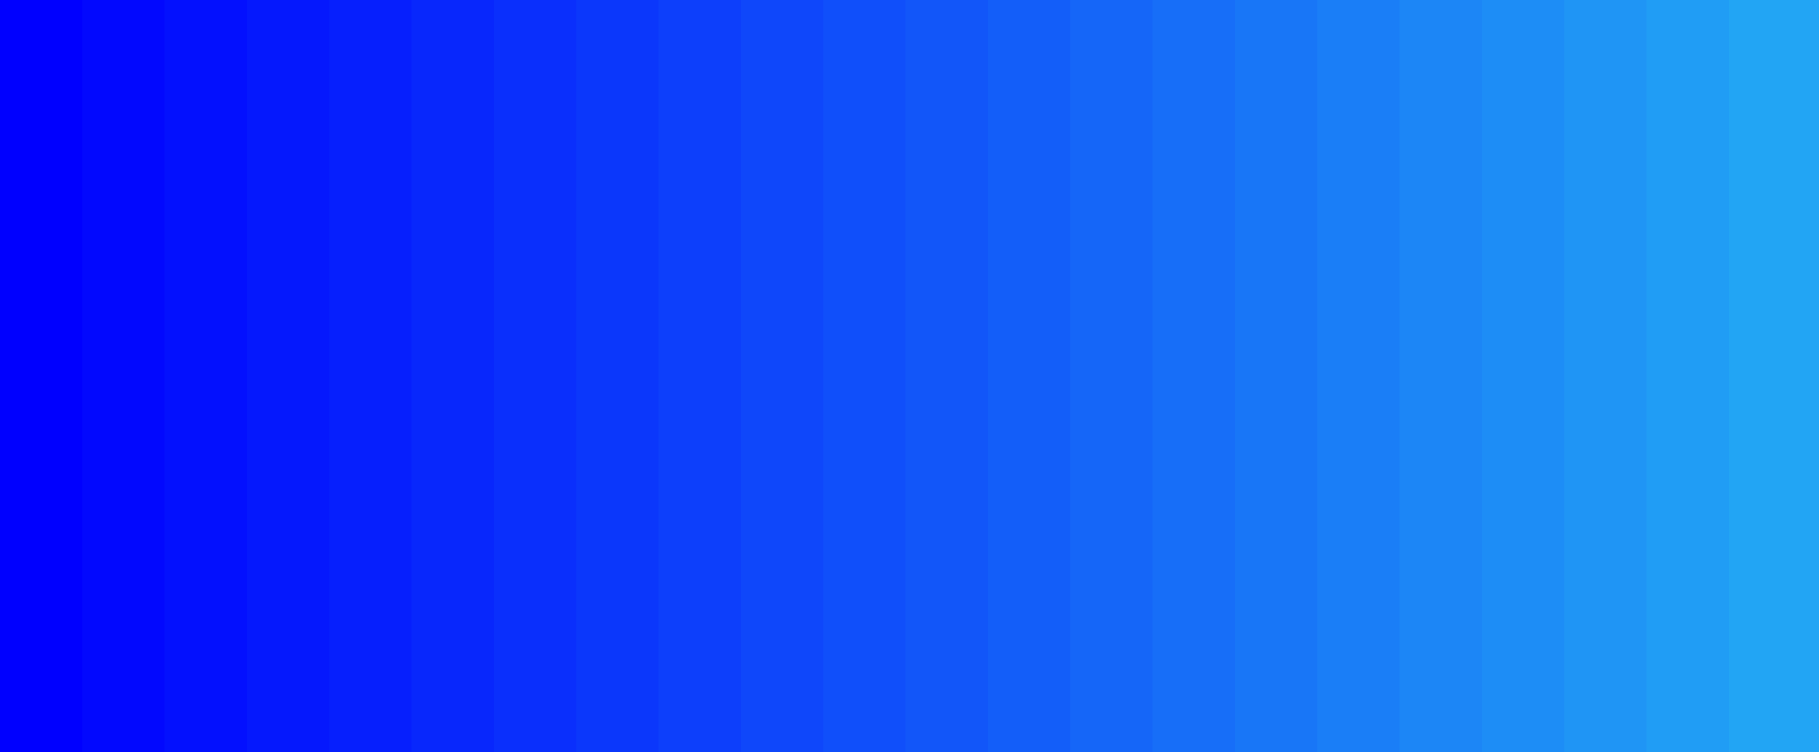 a blue gradient